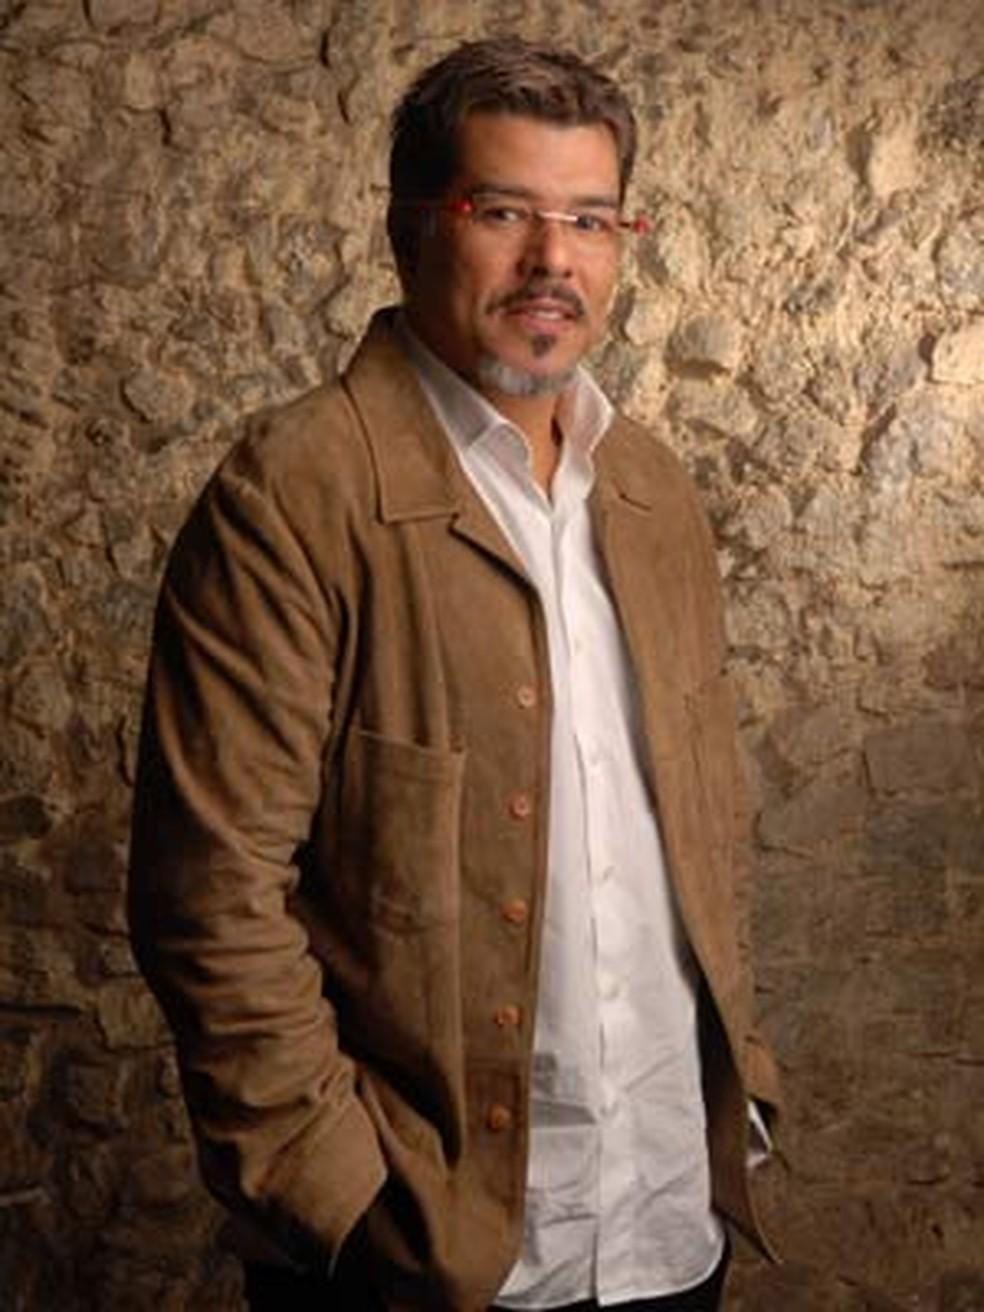 Ator e músico Maurício Mattar sofreu infarto em Bauru — Foto: Renato Rocha Miranda/TV Globo